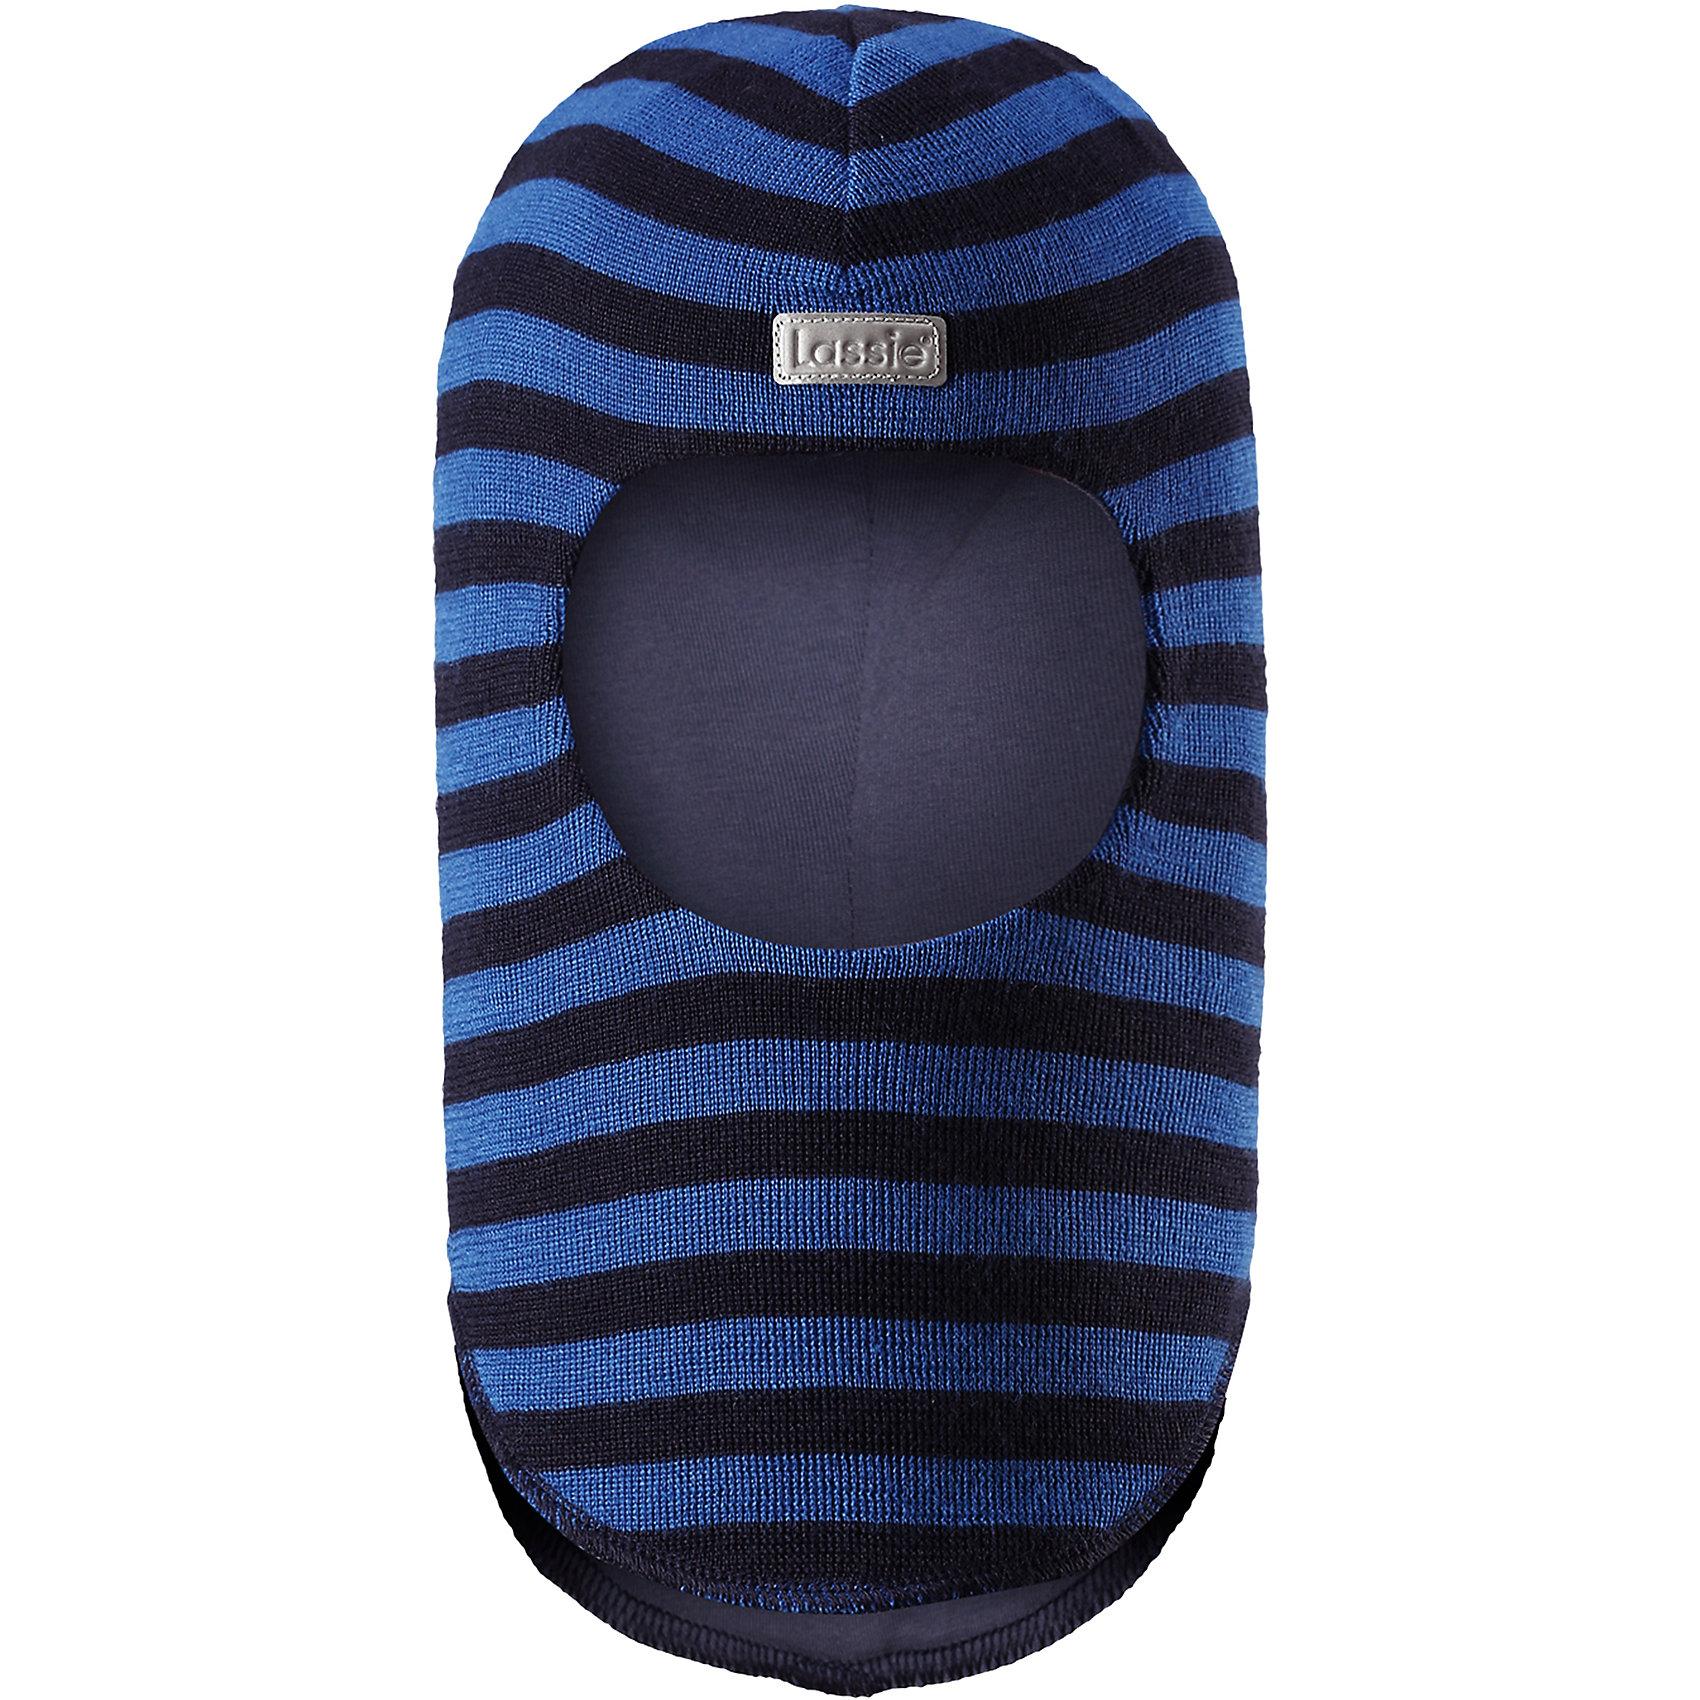 Шапка-шлем LassieШапки и шарфы<br>Характеристики товара:<br><br>• цвет: синий;<br>• состав: 50% шерсть, 50% полиакрил; <br>• подкладка: 97% хлопок, 3% эластан;<br>• сезон: зима;<br>• без дополнительного утепления;<br>• температурный режим: от 0 до -20С;<br>• мягкая и теплая ткань из смеси шерсти;<br>• ветронепроницаемые вставки в области ушей;<br>• сплошная подкладка: приятный на ощупь хлопковый трикотаж с эластаном;<br>• светоотражающие детали;<br>• страна бренда: Финляндия;<br>• страна изготовитель: Китай;<br><br>Эта шапка-шлем для малышей и детей постарше изготовлена из нежной полушерстяной пряжи. Ветронепроницаемые вставки в области ушей защищают ушки во время зимних прогулок. Яркие цвета в сочетании со стильными полосками создают завершенный образ.<br><br>Шапку-шлем Lassie (Ласси) можно купить в нашем интернет-магазине.<br><br>Ширина мм: 89<br>Глубина мм: 117<br>Высота мм: 44<br>Вес г: 155<br>Цвет: синий<br>Возраст от месяцев: 72<br>Возраст до месяцев: 144<br>Пол: Мужской<br>Возраст: Детский<br>Размер: 54-56,44-46,46-48,50-52<br>SKU: 6905662